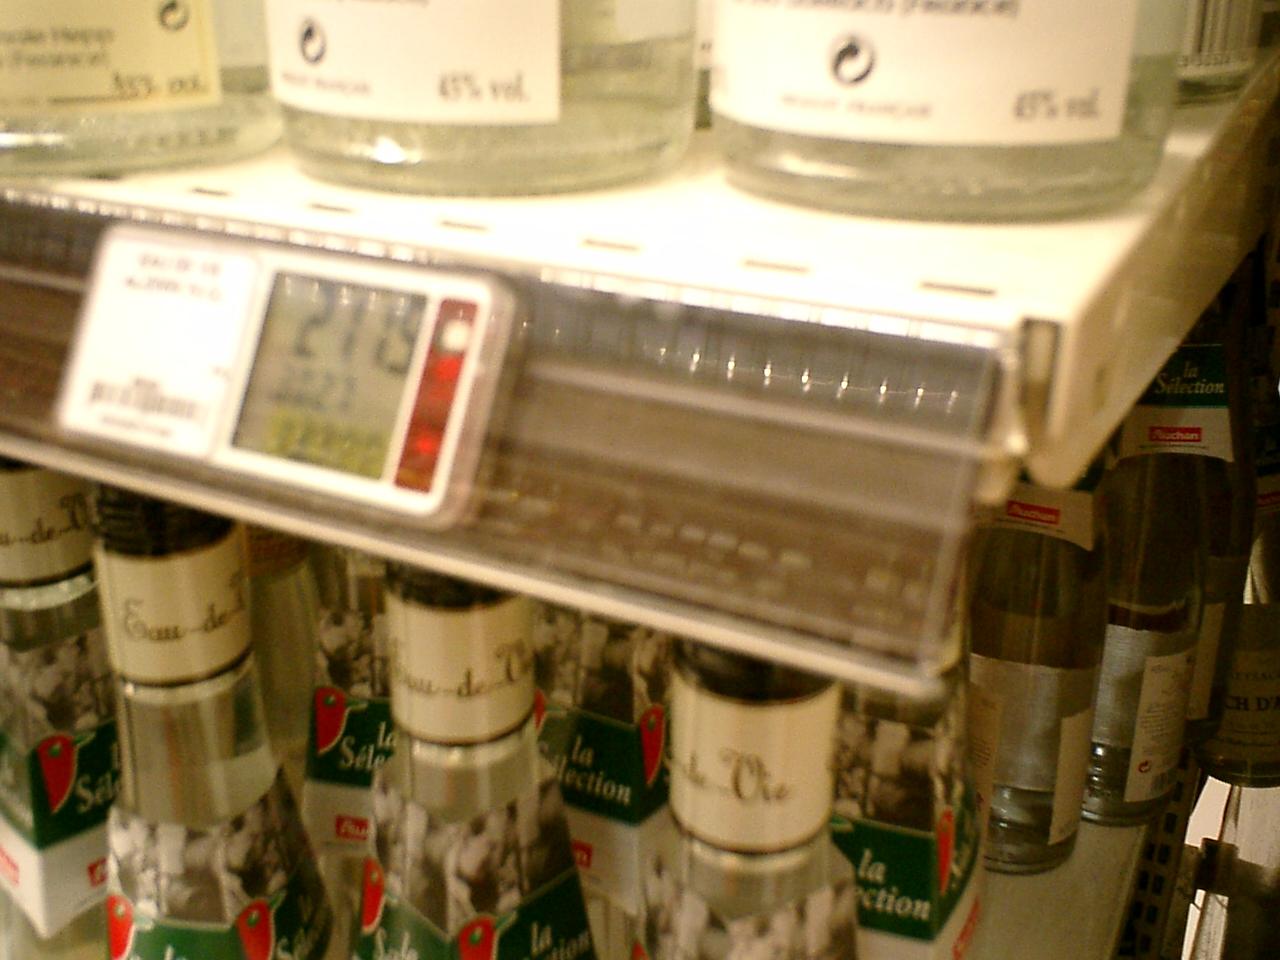 探密法国家乐福超市装修及商品陈列 空间设计的日志 网易